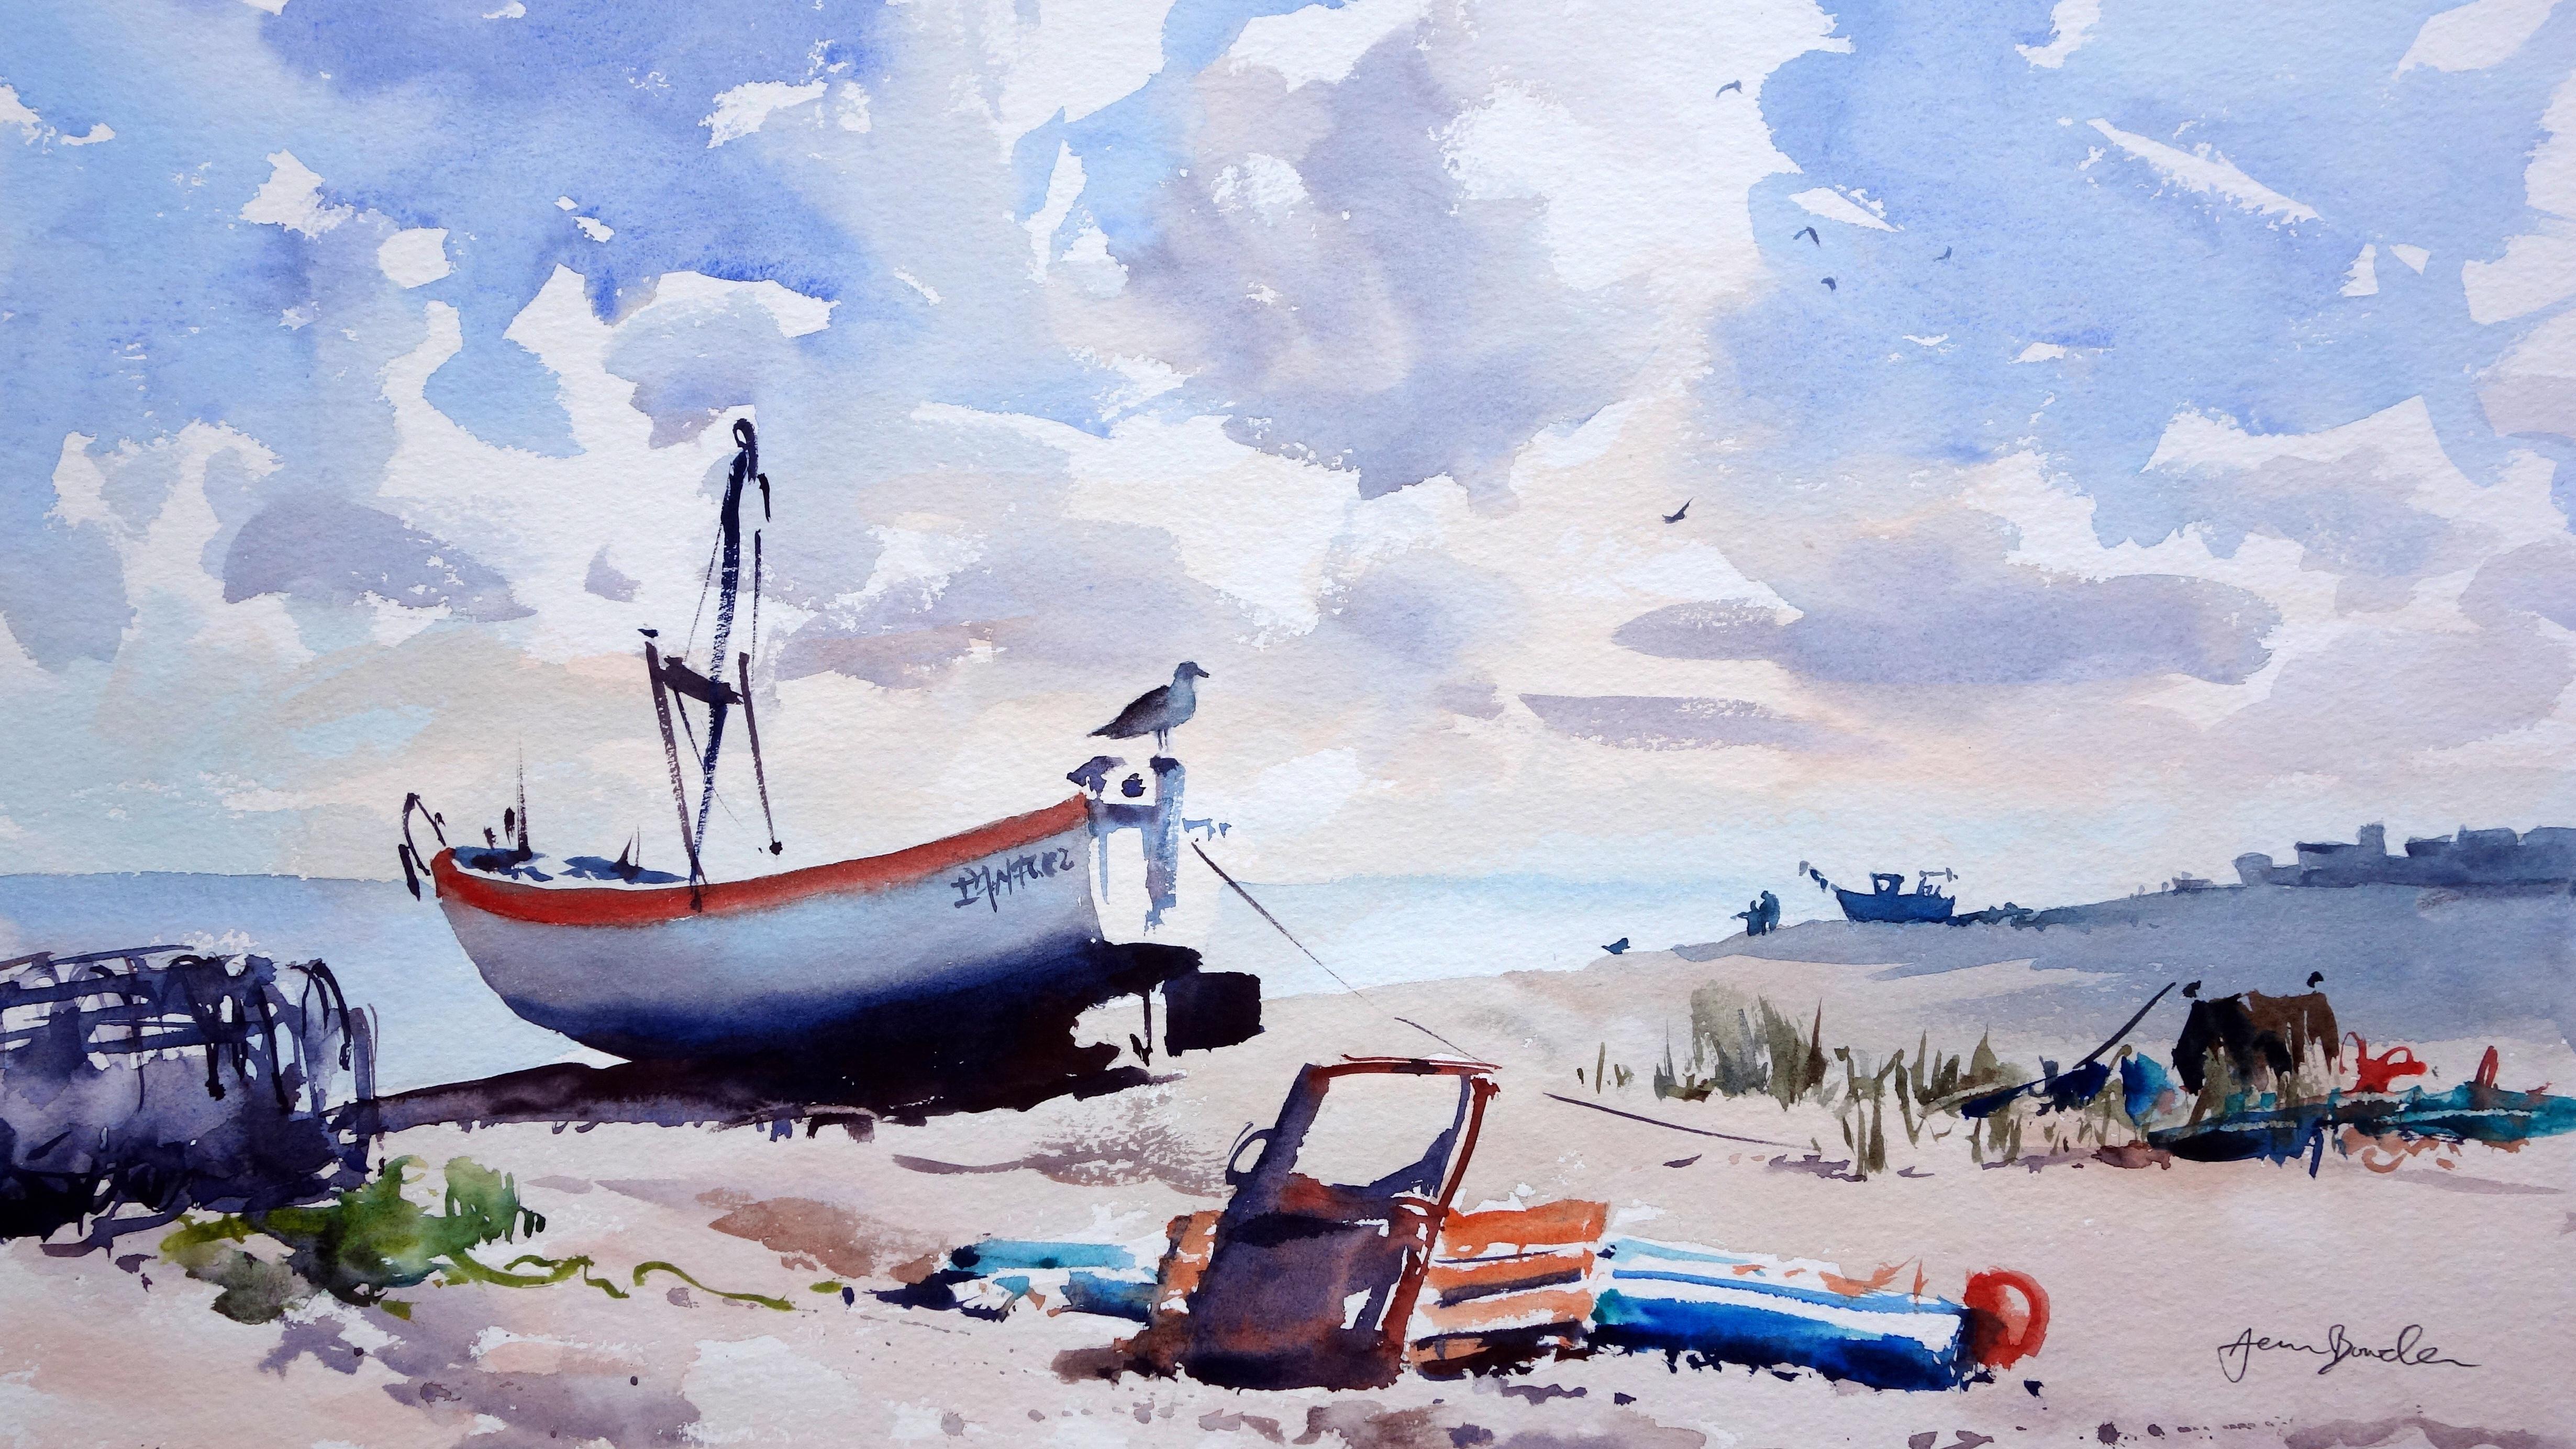 Painting A Watercolor Landscape